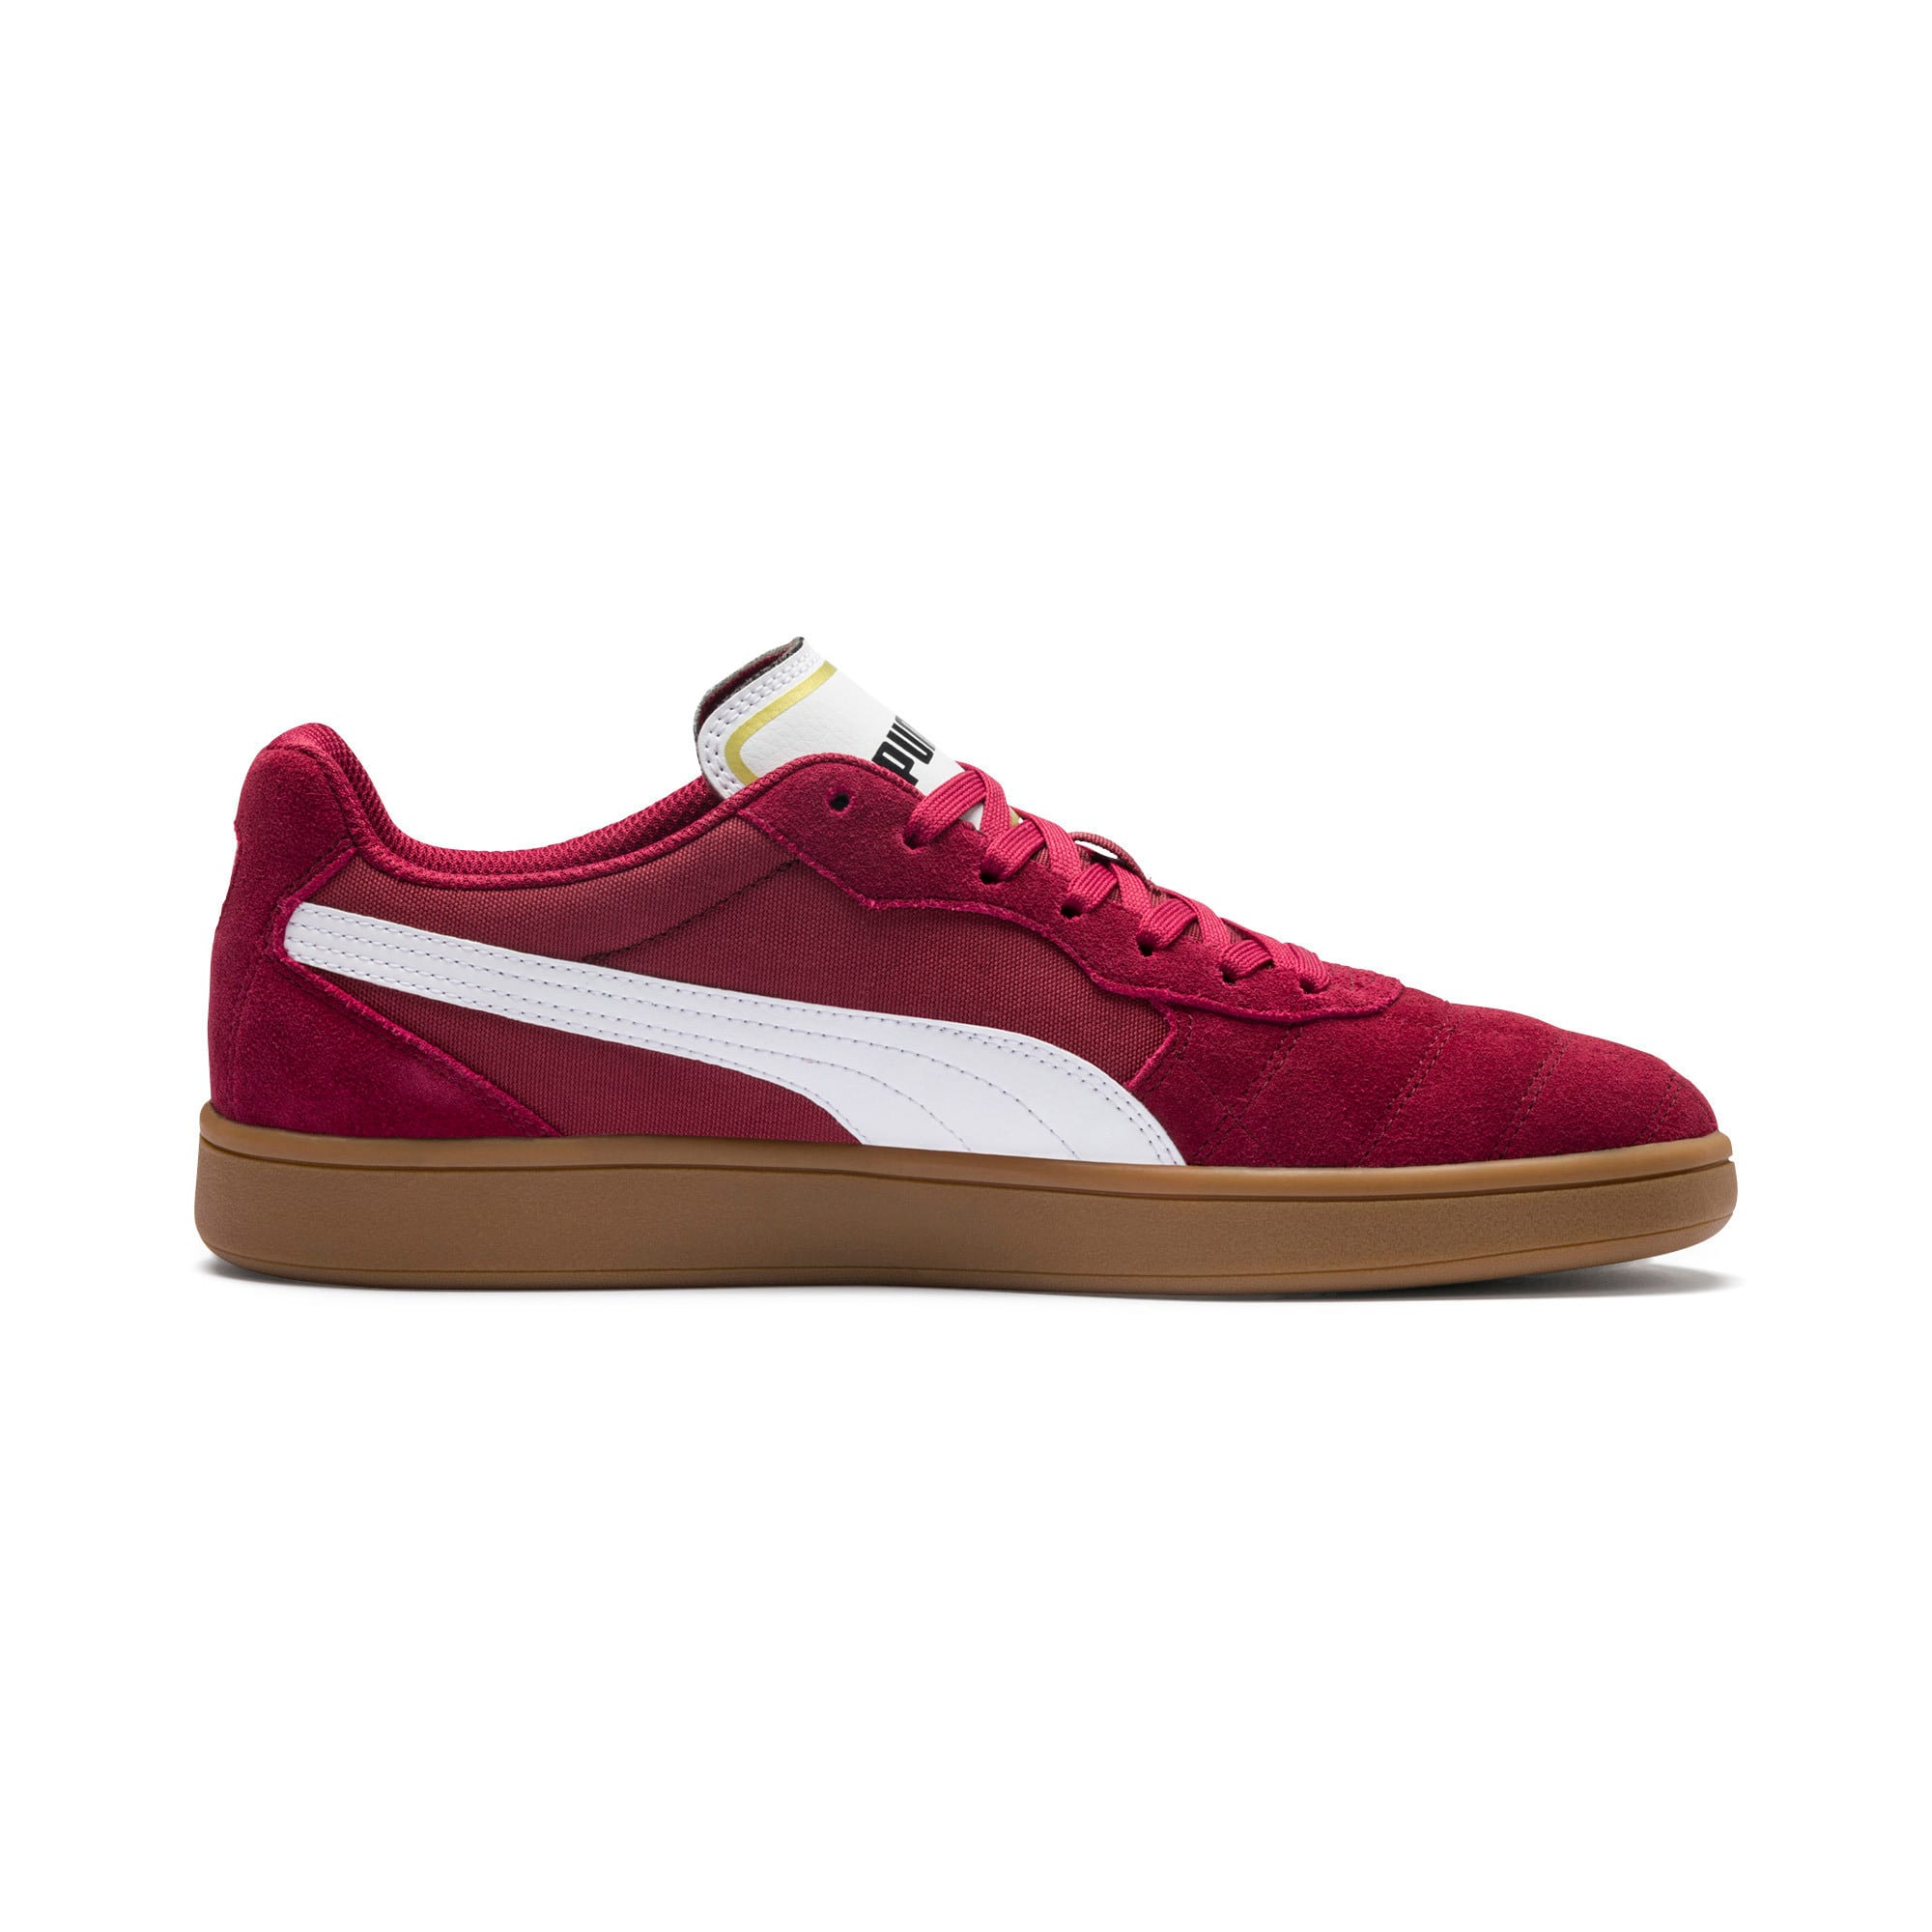 Thumbnail 5 of Astro Kick Sneakers, Cordovan-Puma White, medium